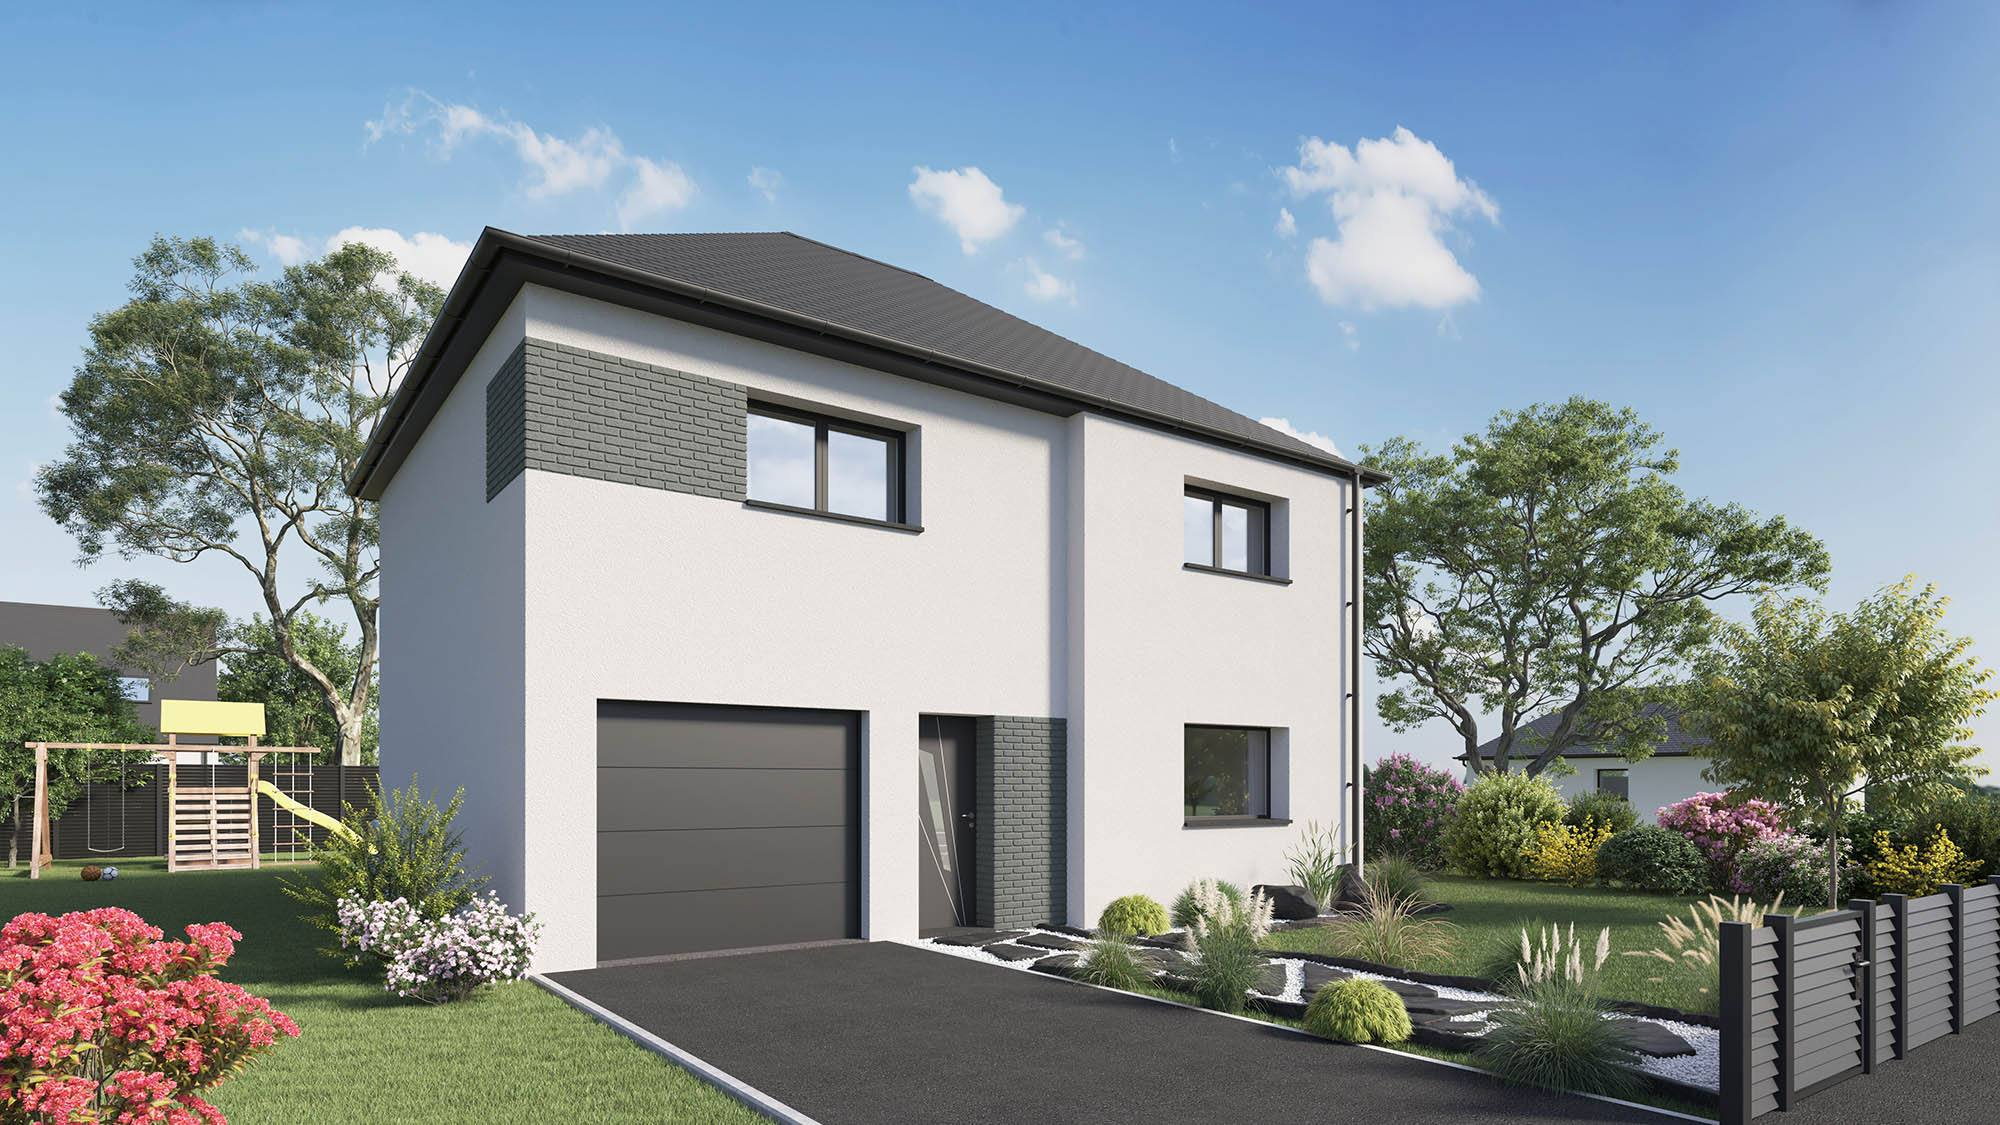 Votre maison + terrain à Saint-Jean-du-Cardonnay  - 76150